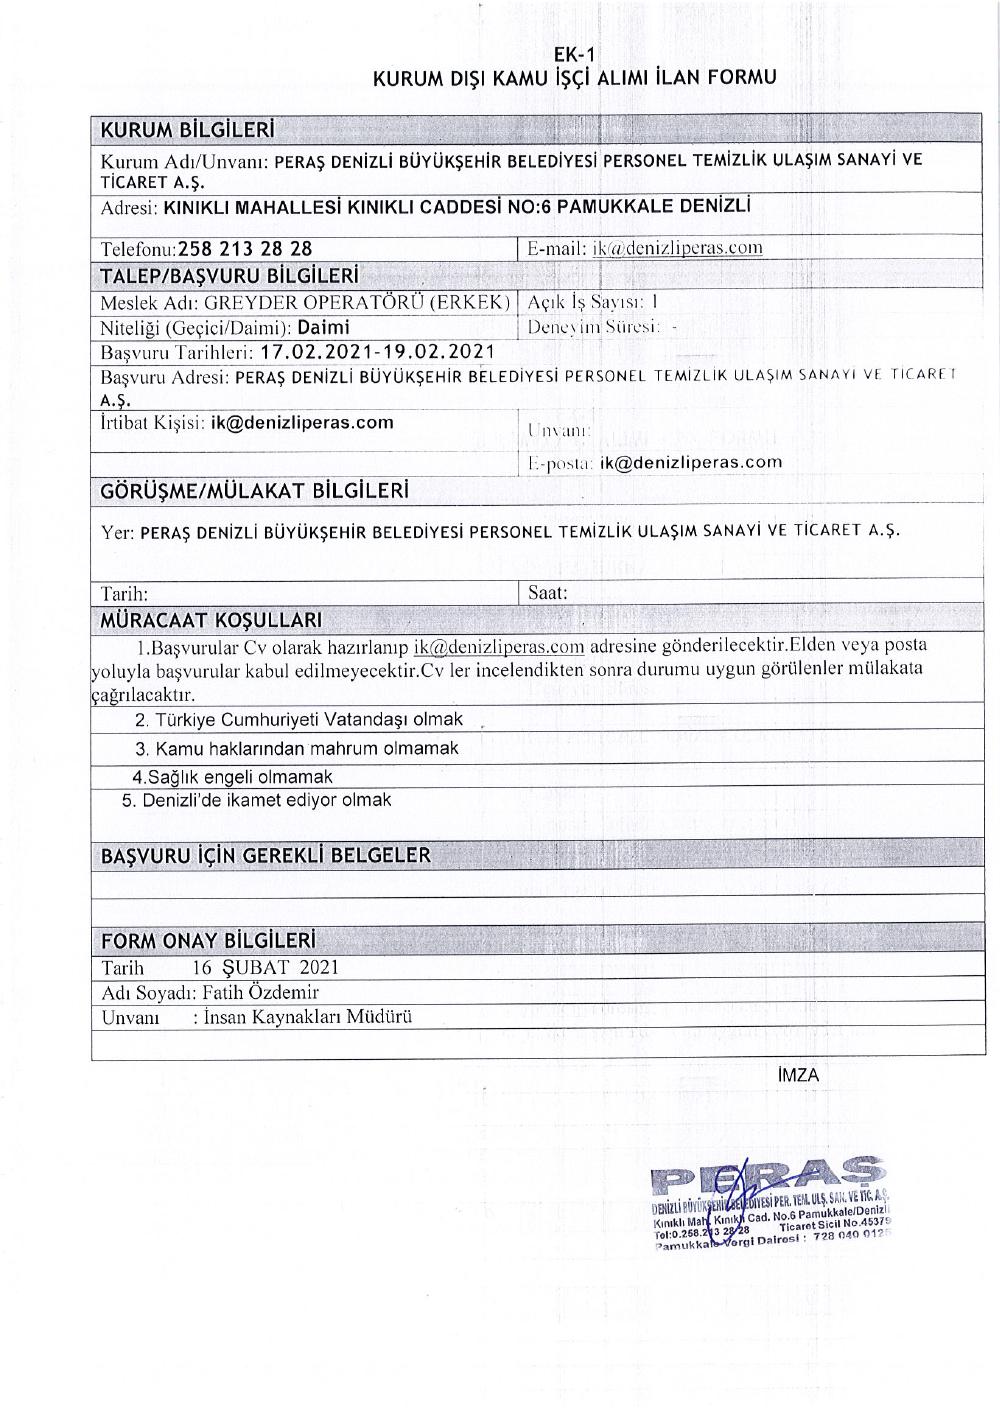 denizli-peras-san-tic-as-19-02-2021-000001.png